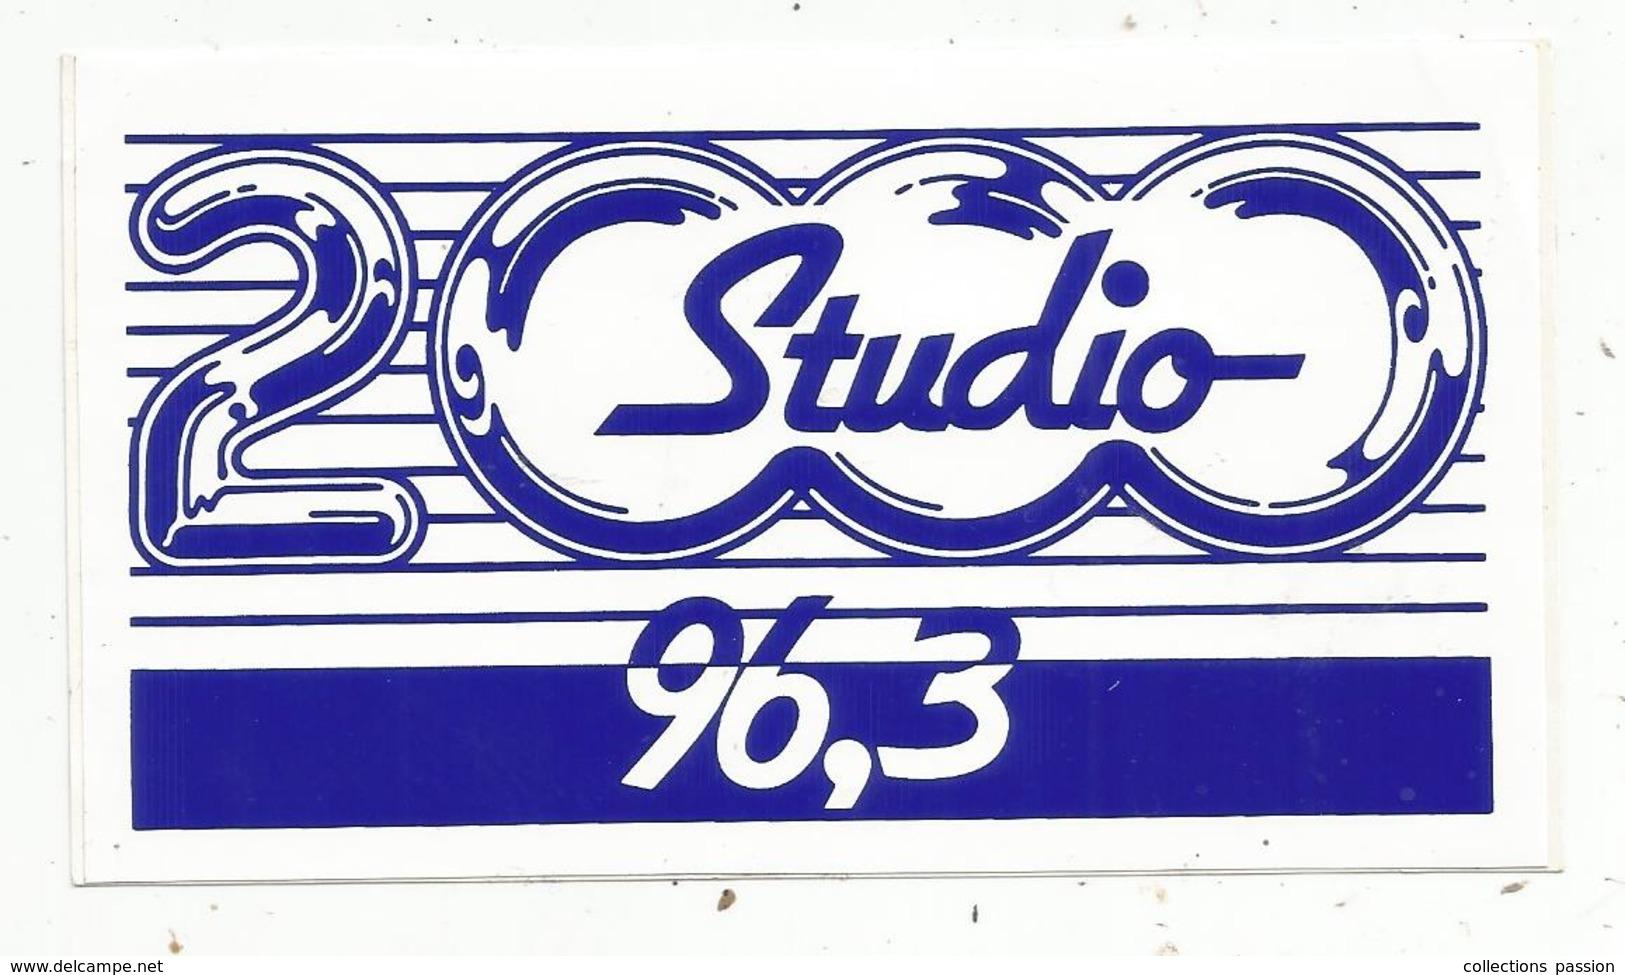 Autocollant ,  RADIO , STUDIO 2000 , 96,3 - Autocollants